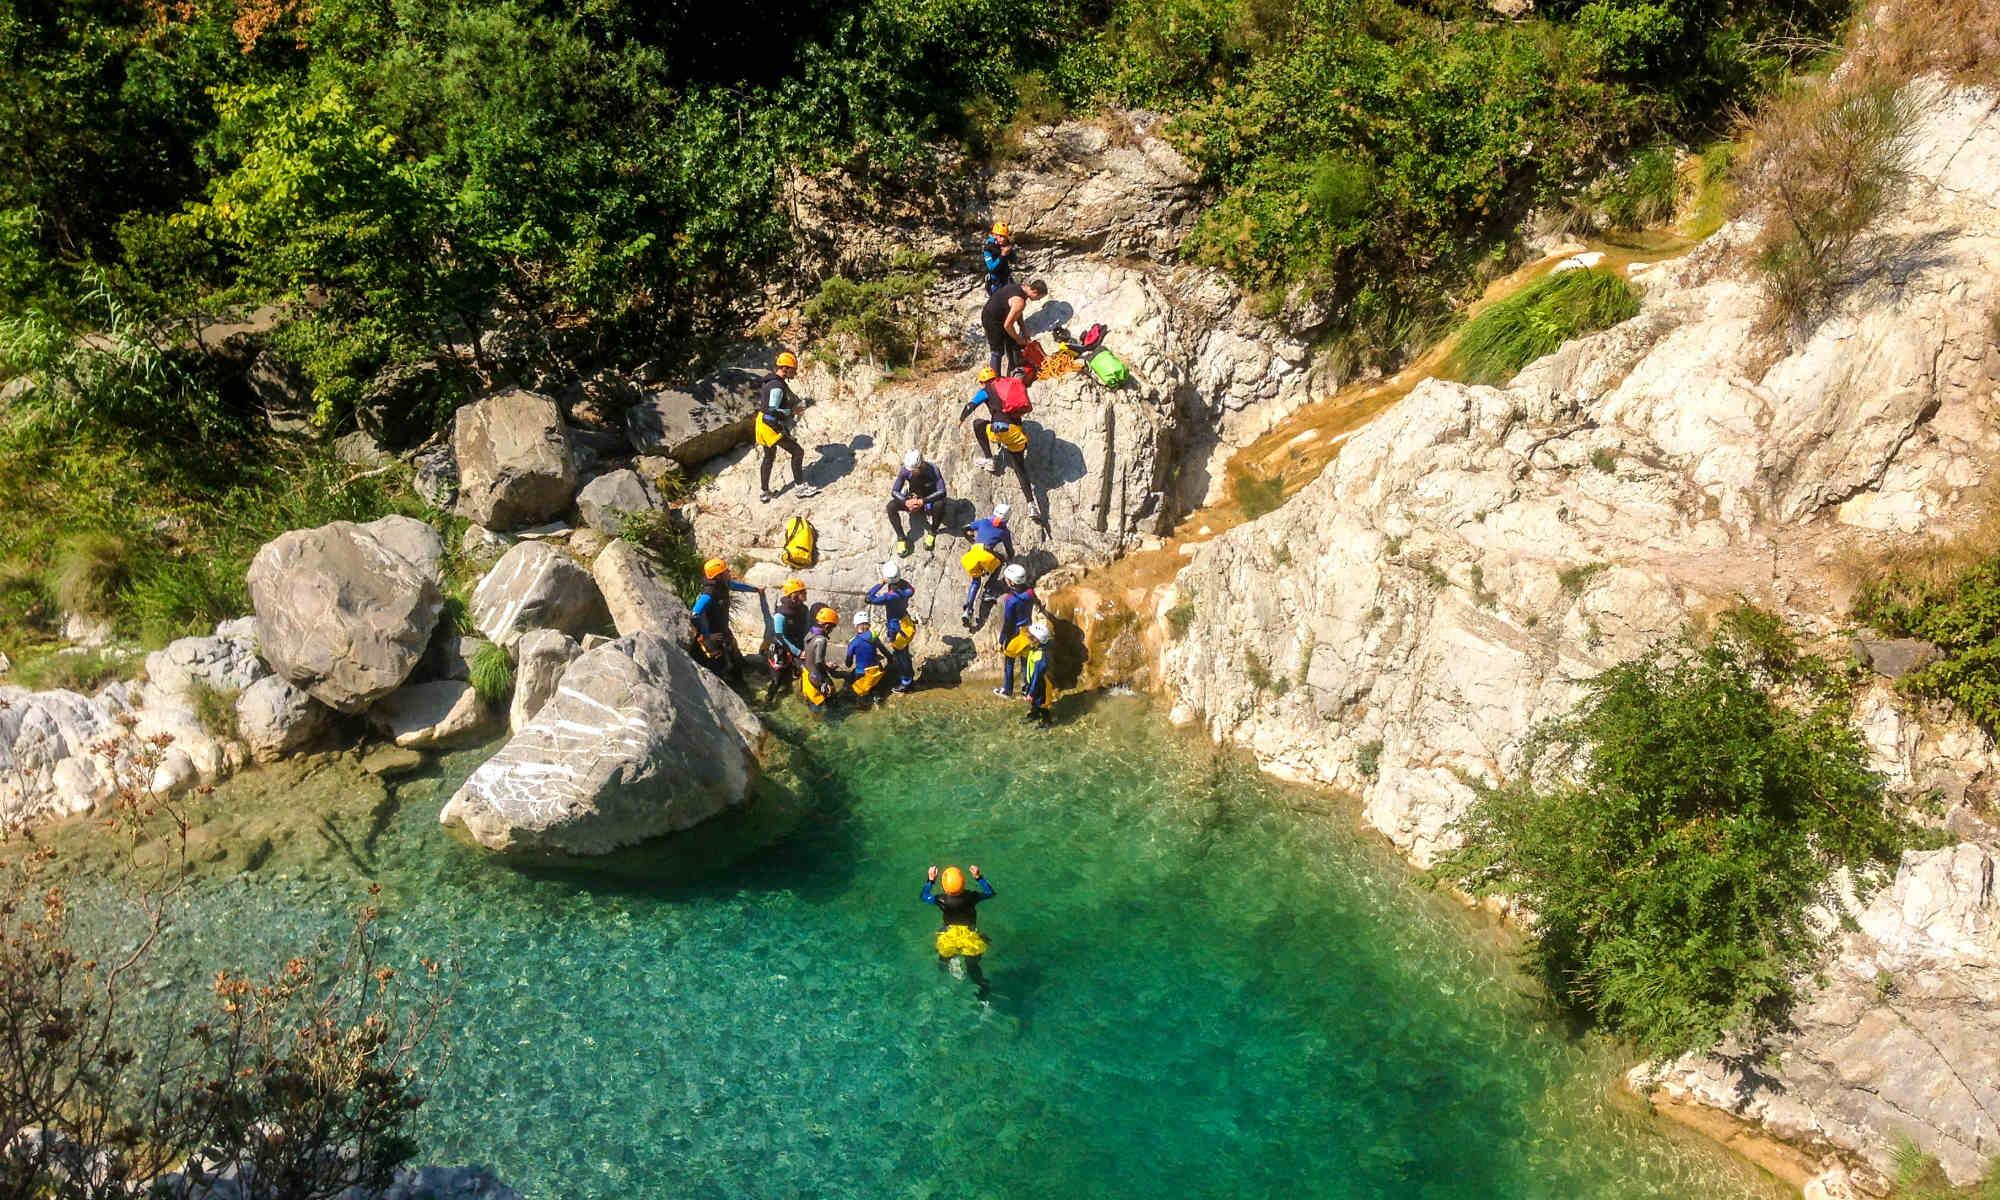 Eine Gruppe von Personen beim Canyoning in Italien.